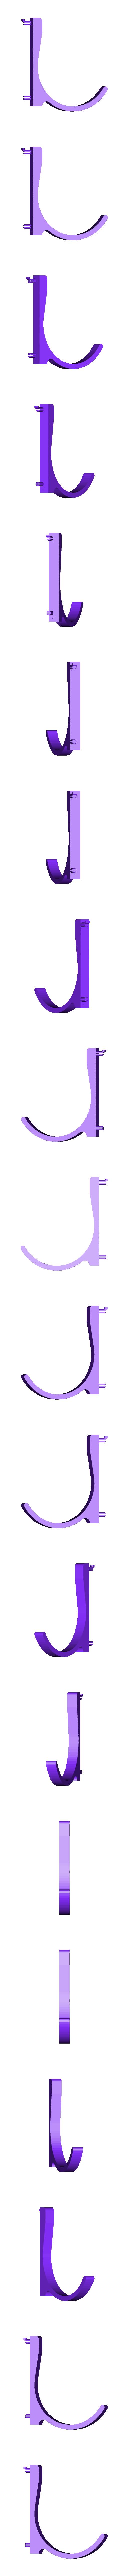 25mm_Pegboard_Spray_Can_Mount.stl Télécharger fichier STL gratuit Pegboard 25 mm à monter sur un support • Design à imprimer en 3D, taleya